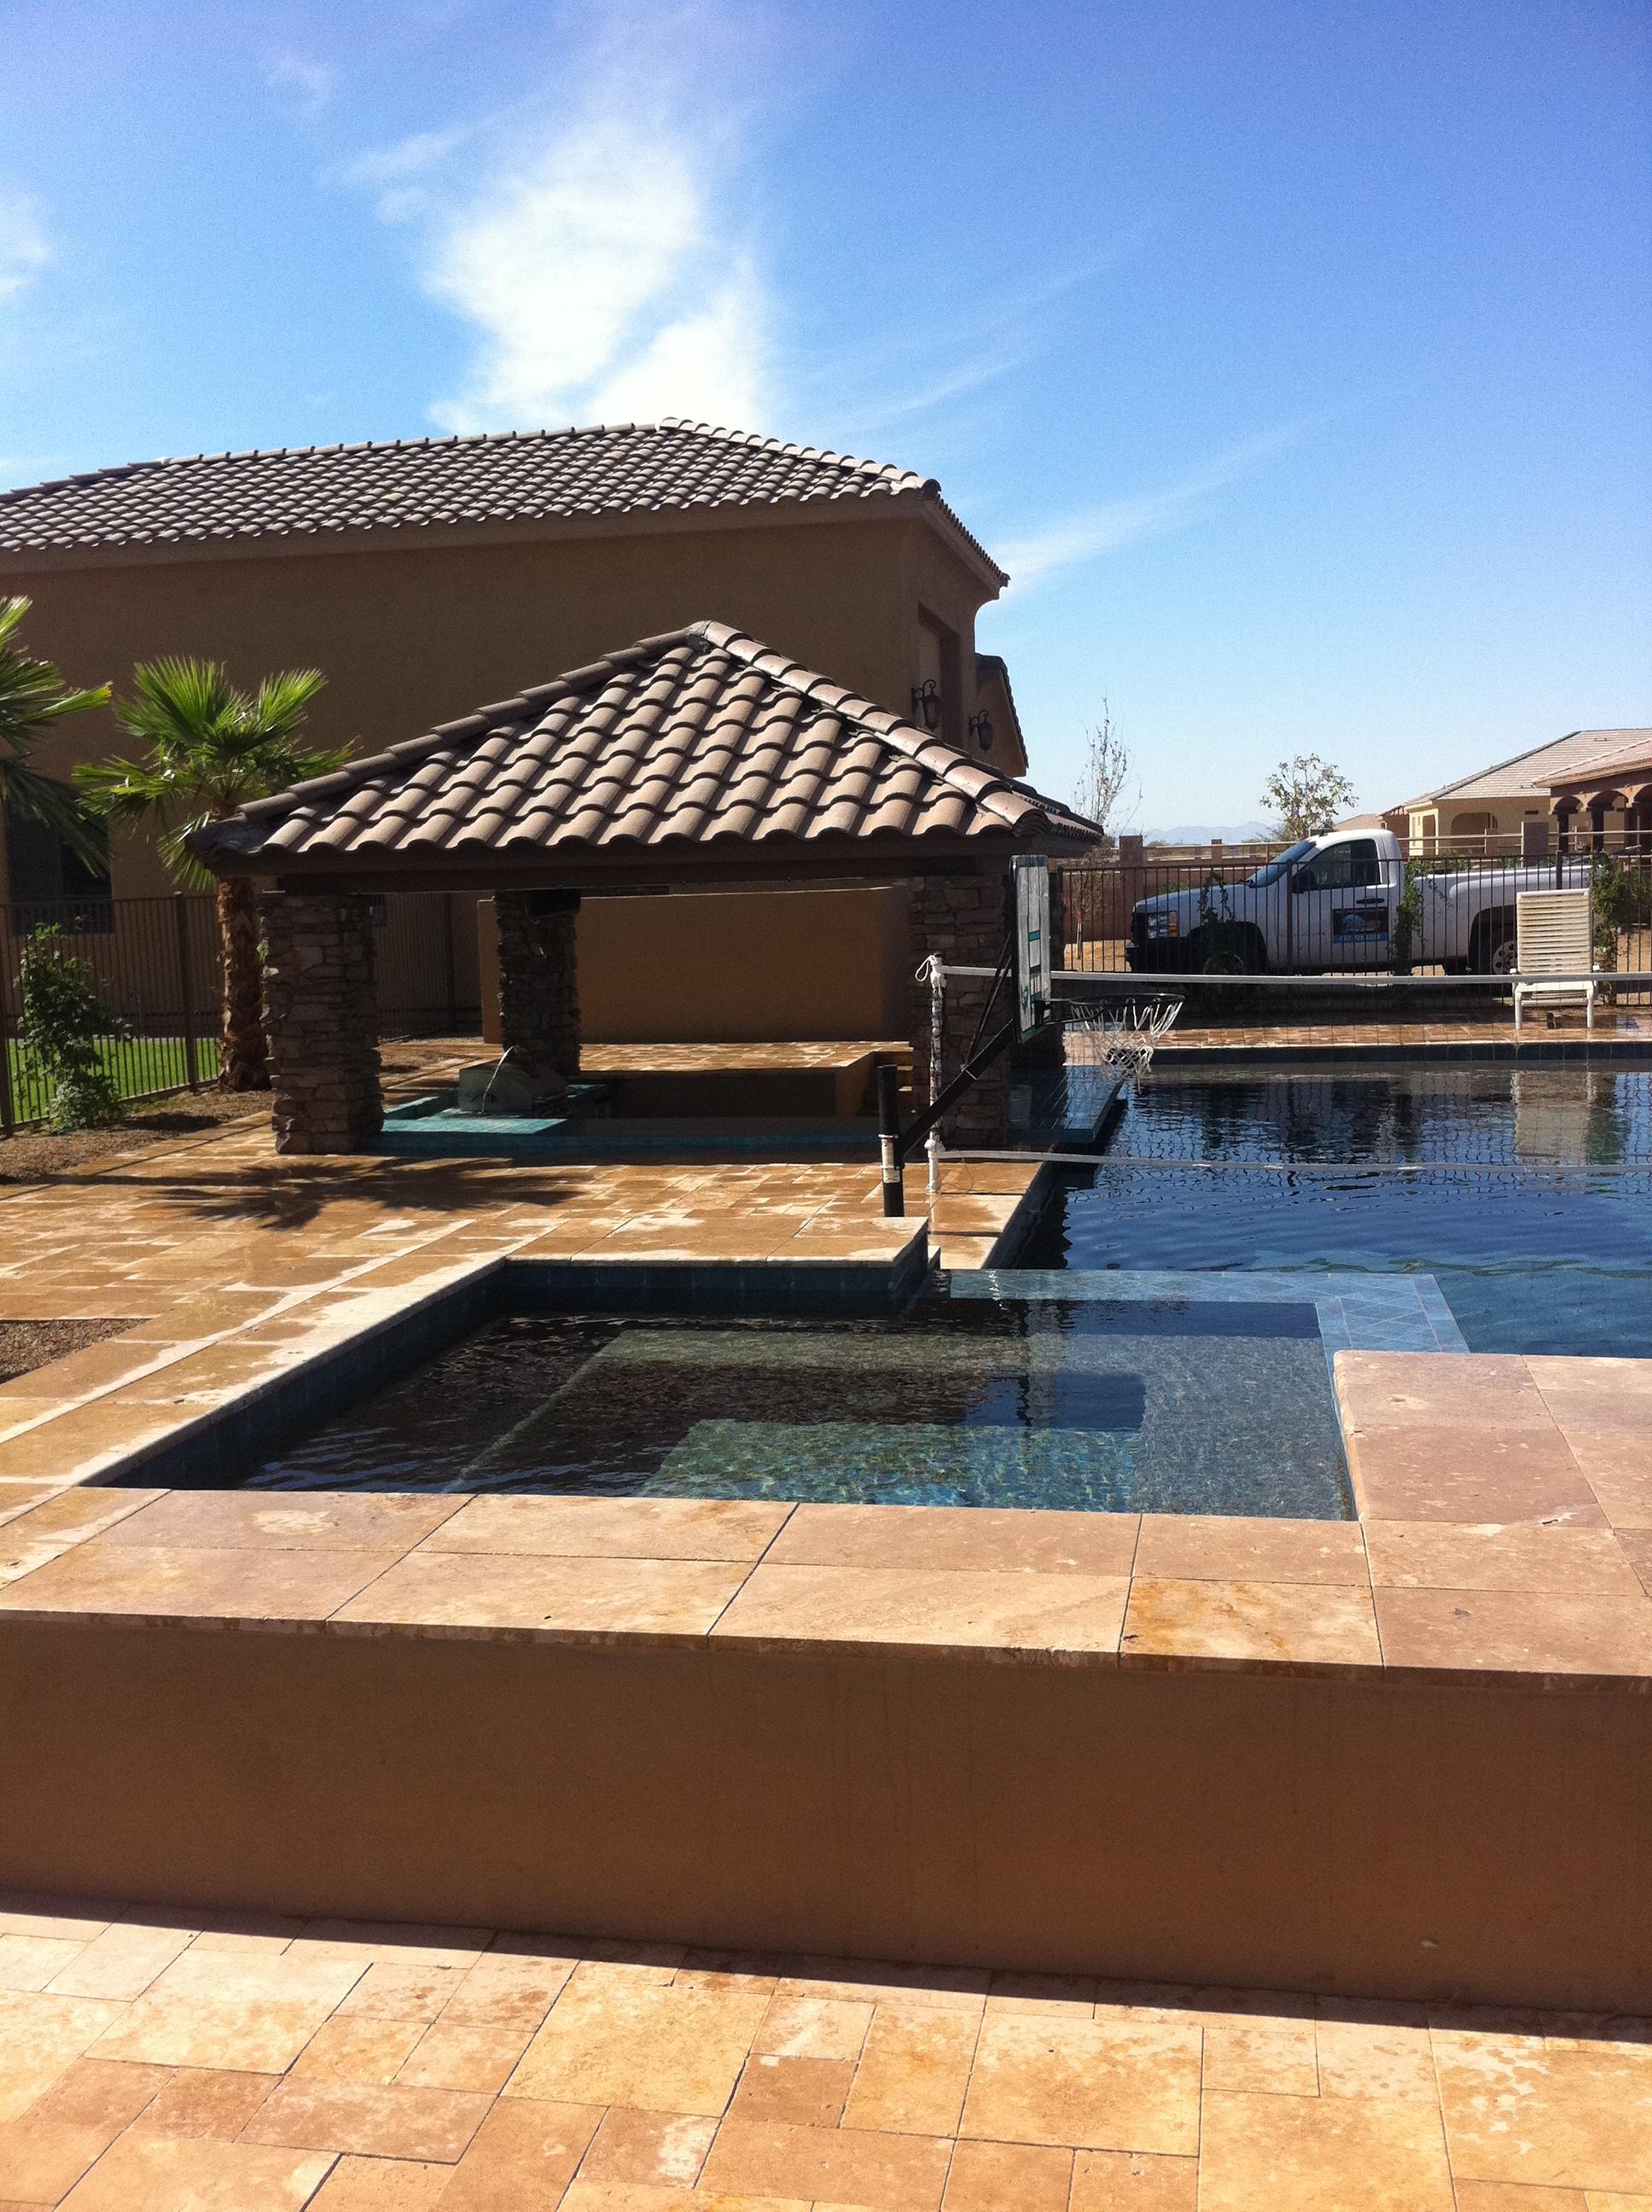 Aqua pool designs gilbert arizona for Pool design software reviews